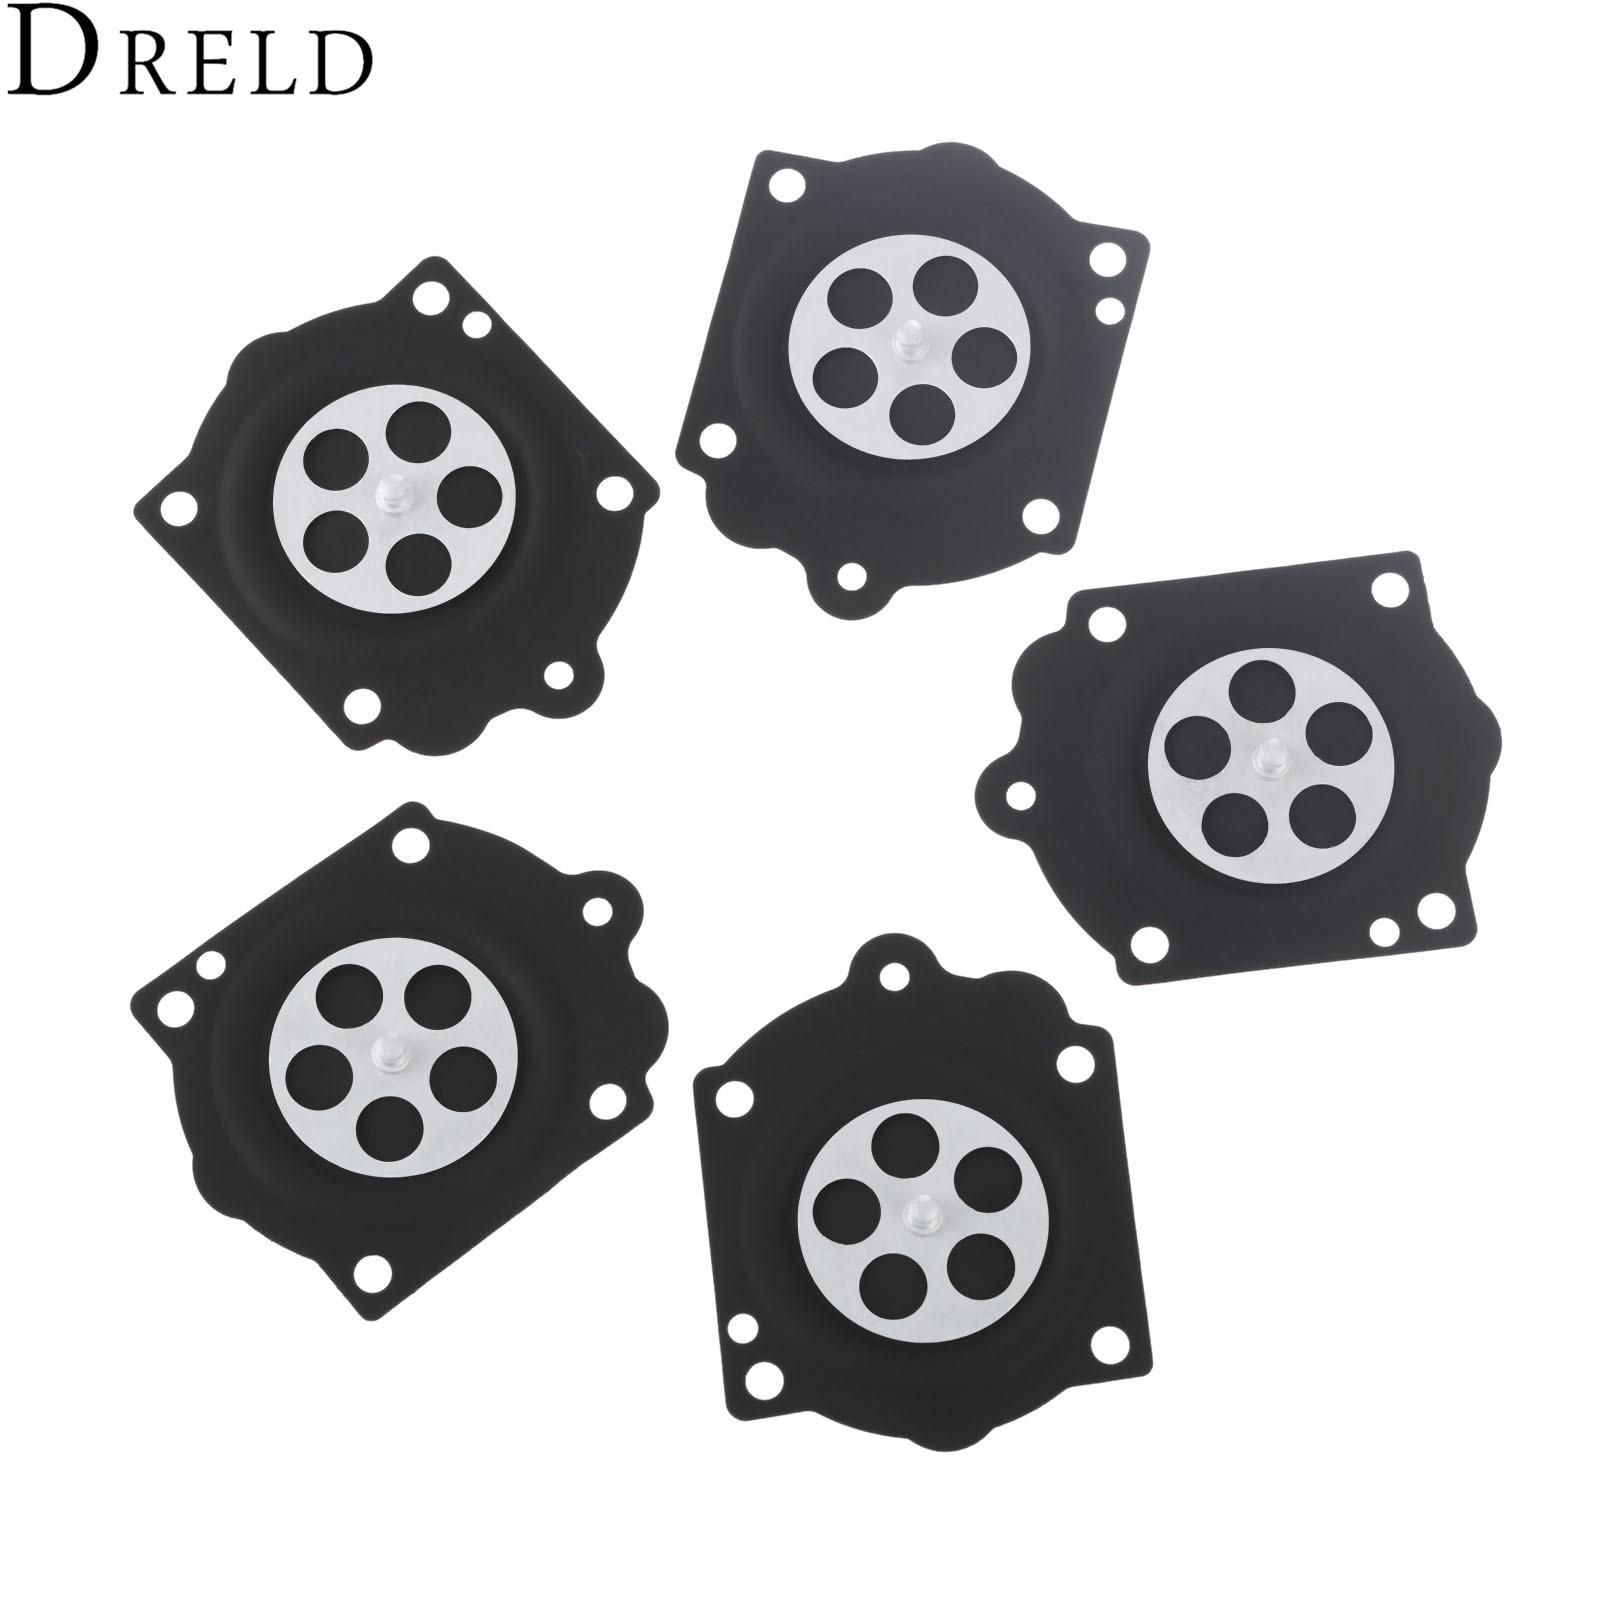 dreld 5pcs carburetor carb rebuild metering diaphragm kit for walbro hdb wg mcculloch pro mac 610 husq 272 ms660 chainsaw k15 wj [ 1600 x 1600 Pixel ]